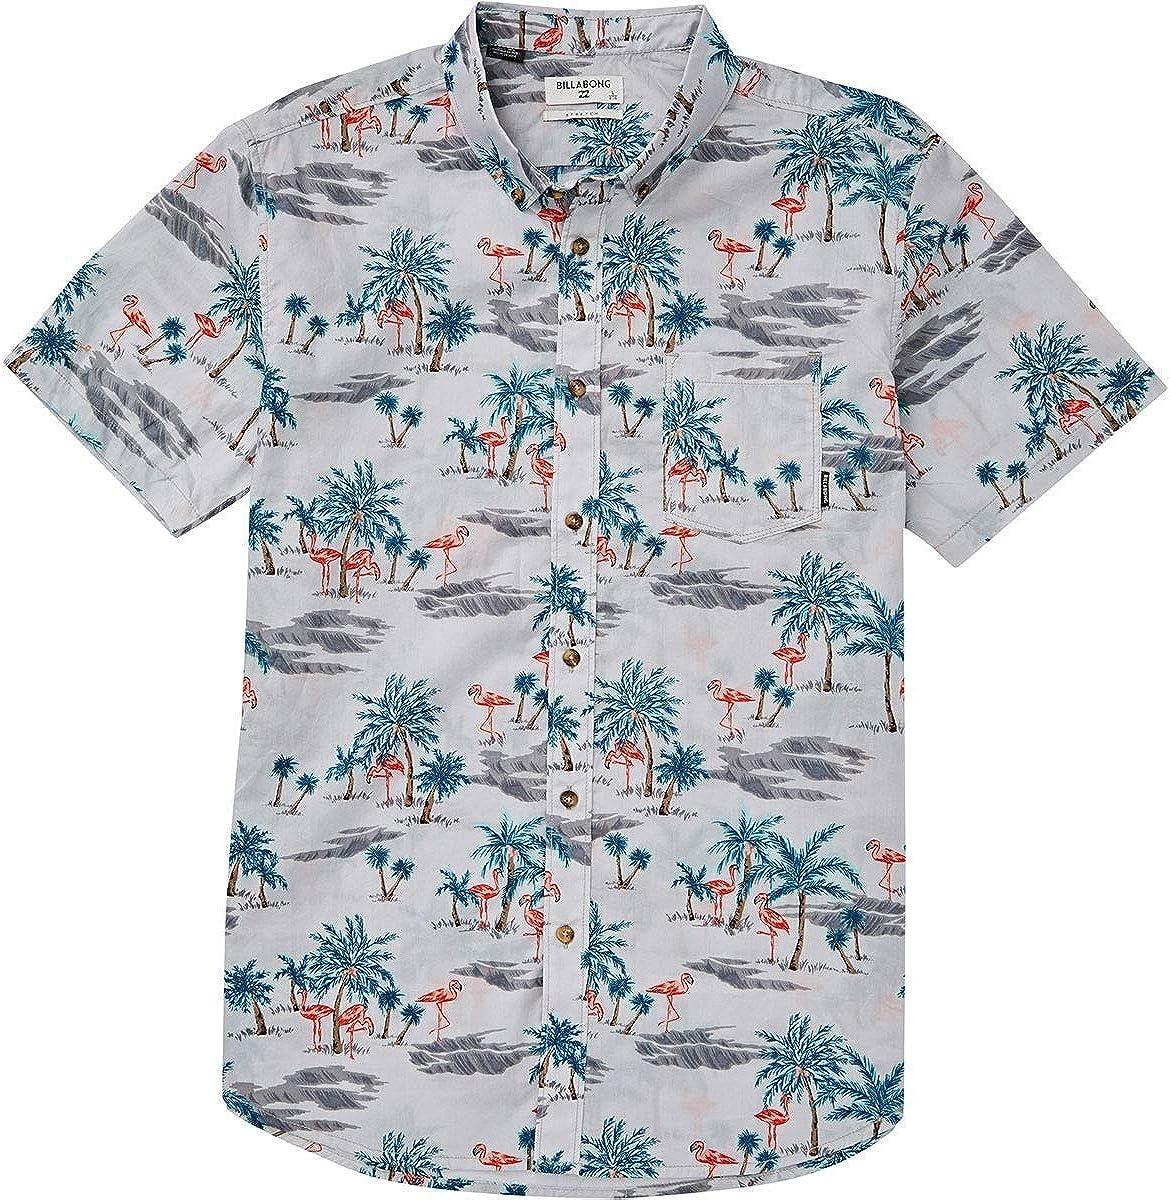 Billabong Mens Sundays Floral Short Sleeve Woven Shirt